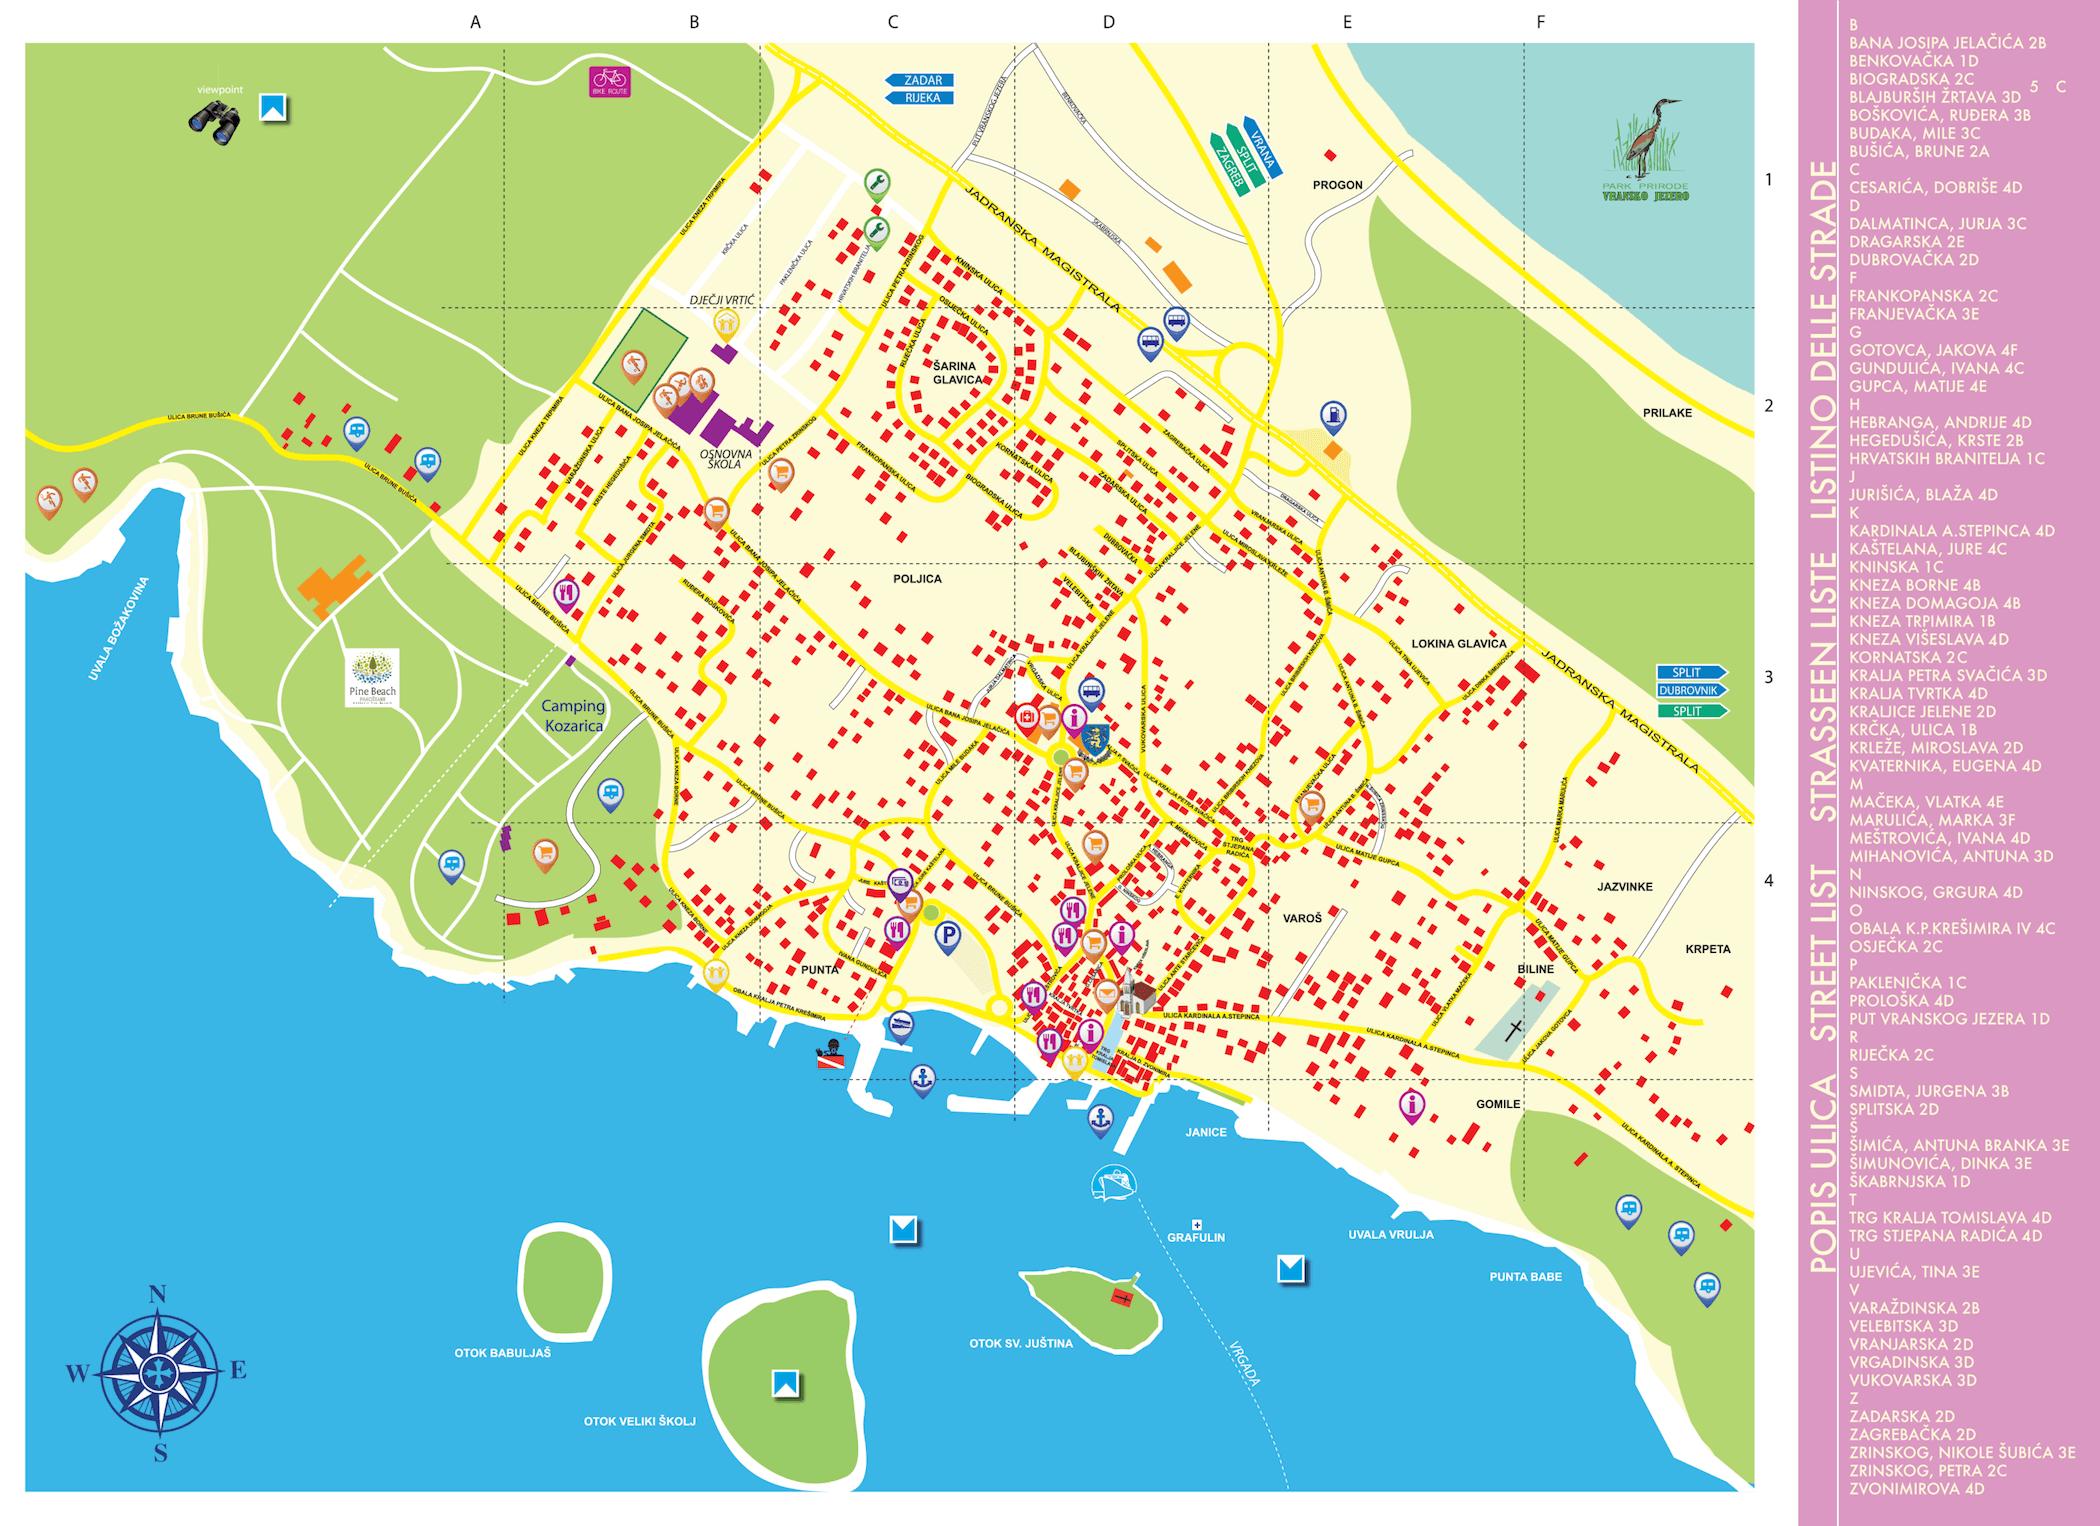 Die Plan Orte Pakostane